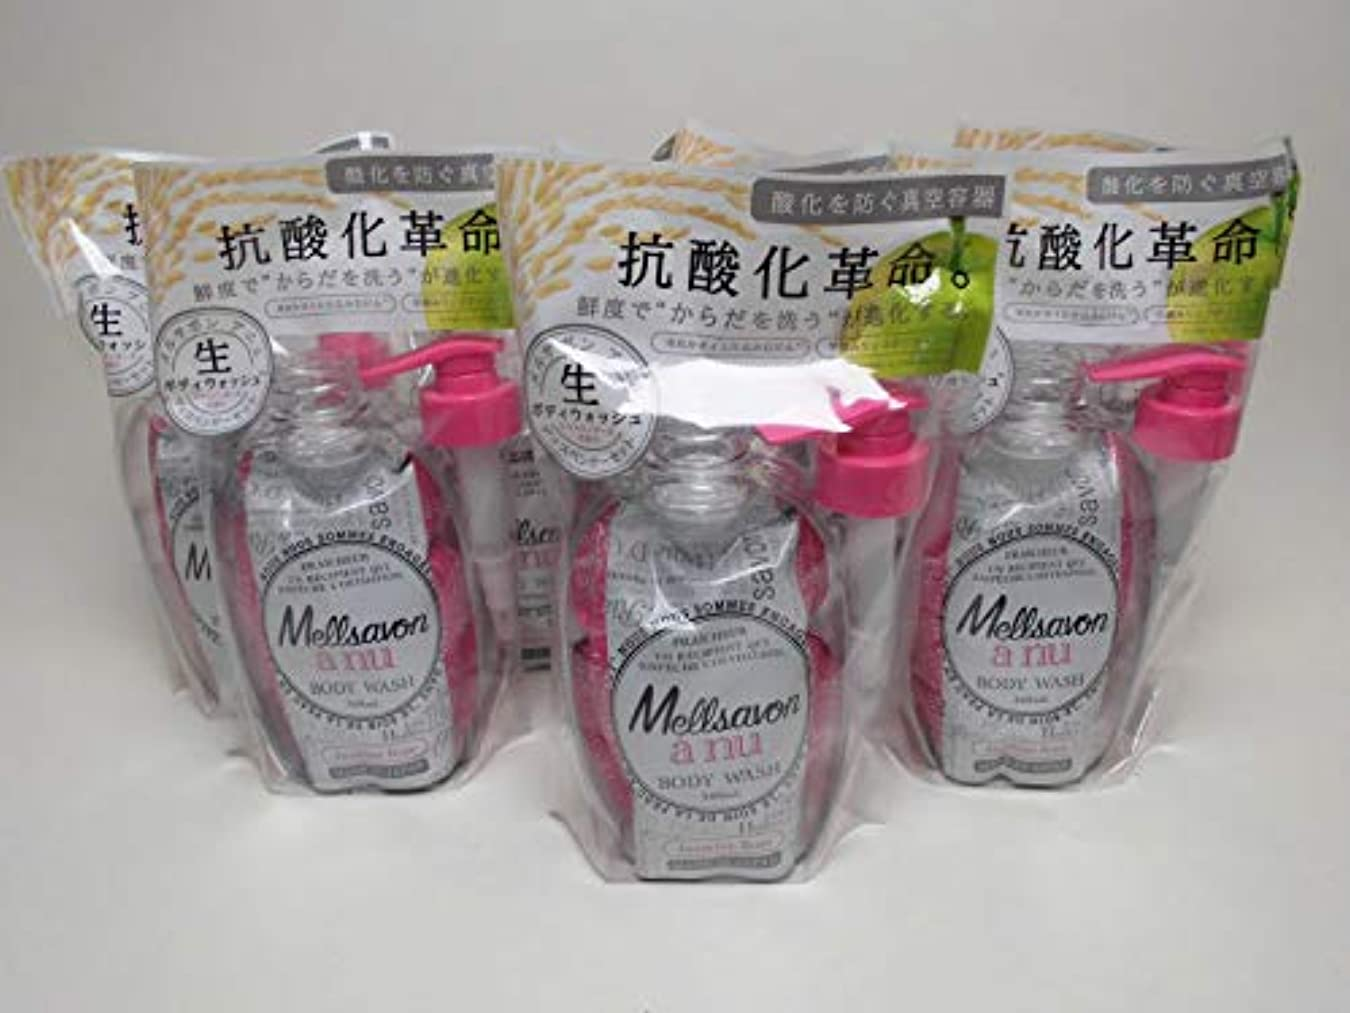 微生物排出地獄【8個セット】メルサボンアニュ ボディウォッシュ ジャスミンローズの香り ディスペンサーセット 340mL